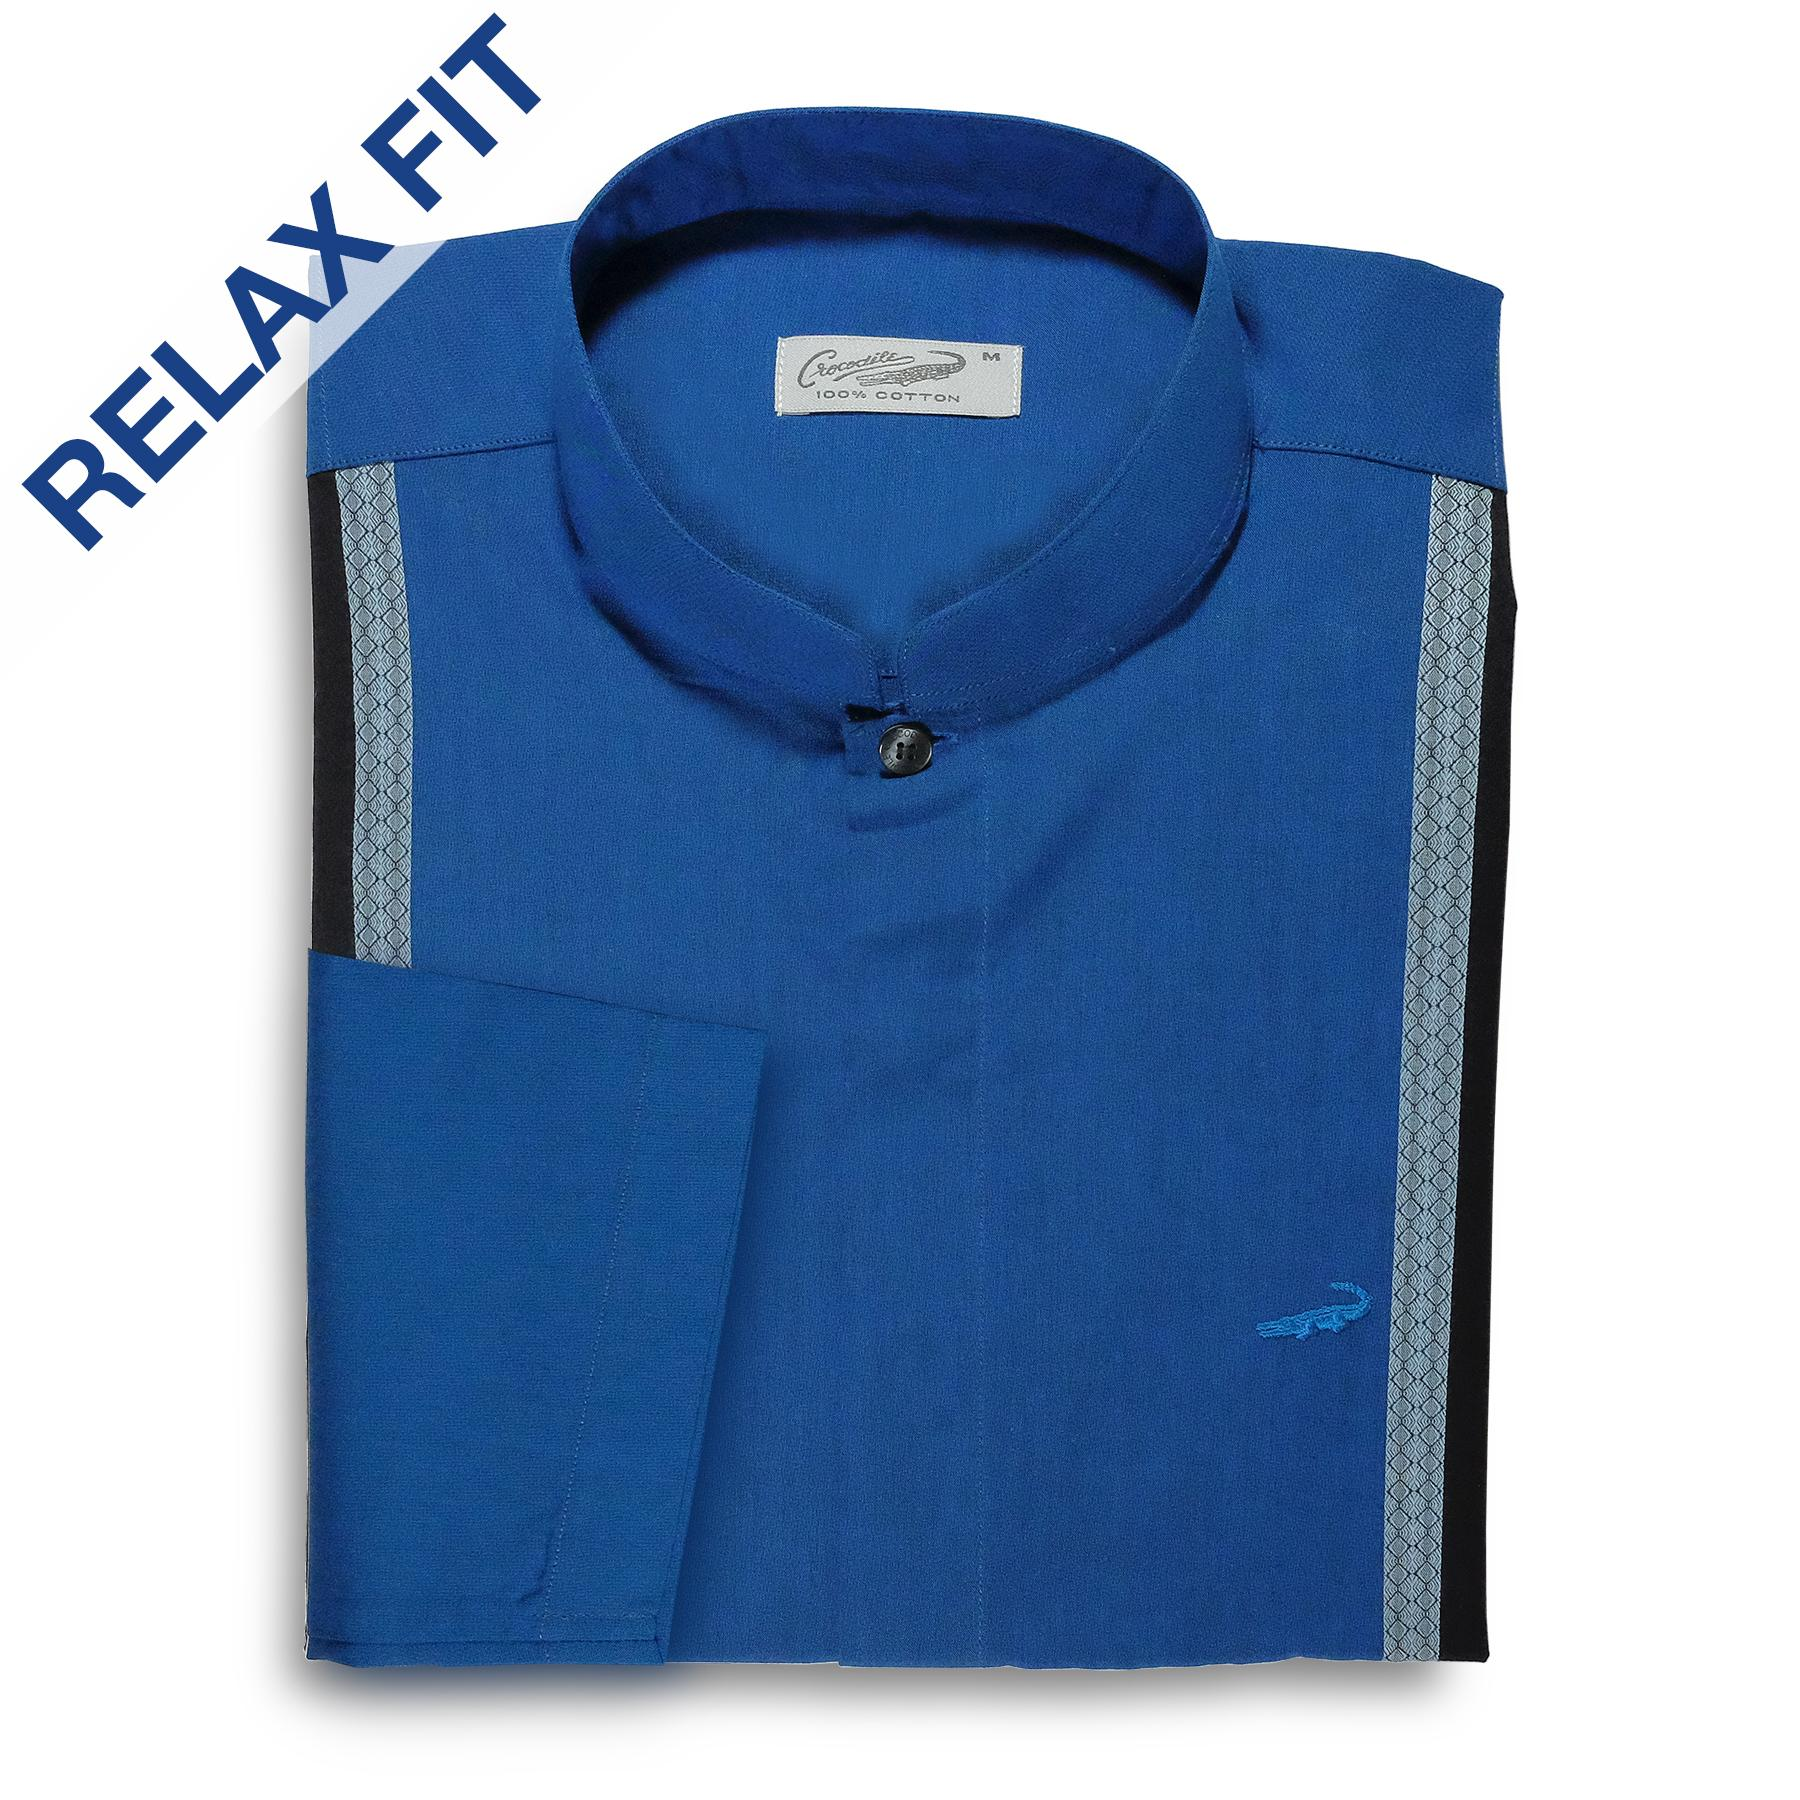 Baju Pria Crocodile Men Polo Shirt Slim Fit Bahan Katun 100percent Clas Ori Dark Navy S Koko Cobalt Kemeja Lengan Panjang Relax Khusus Penjualan